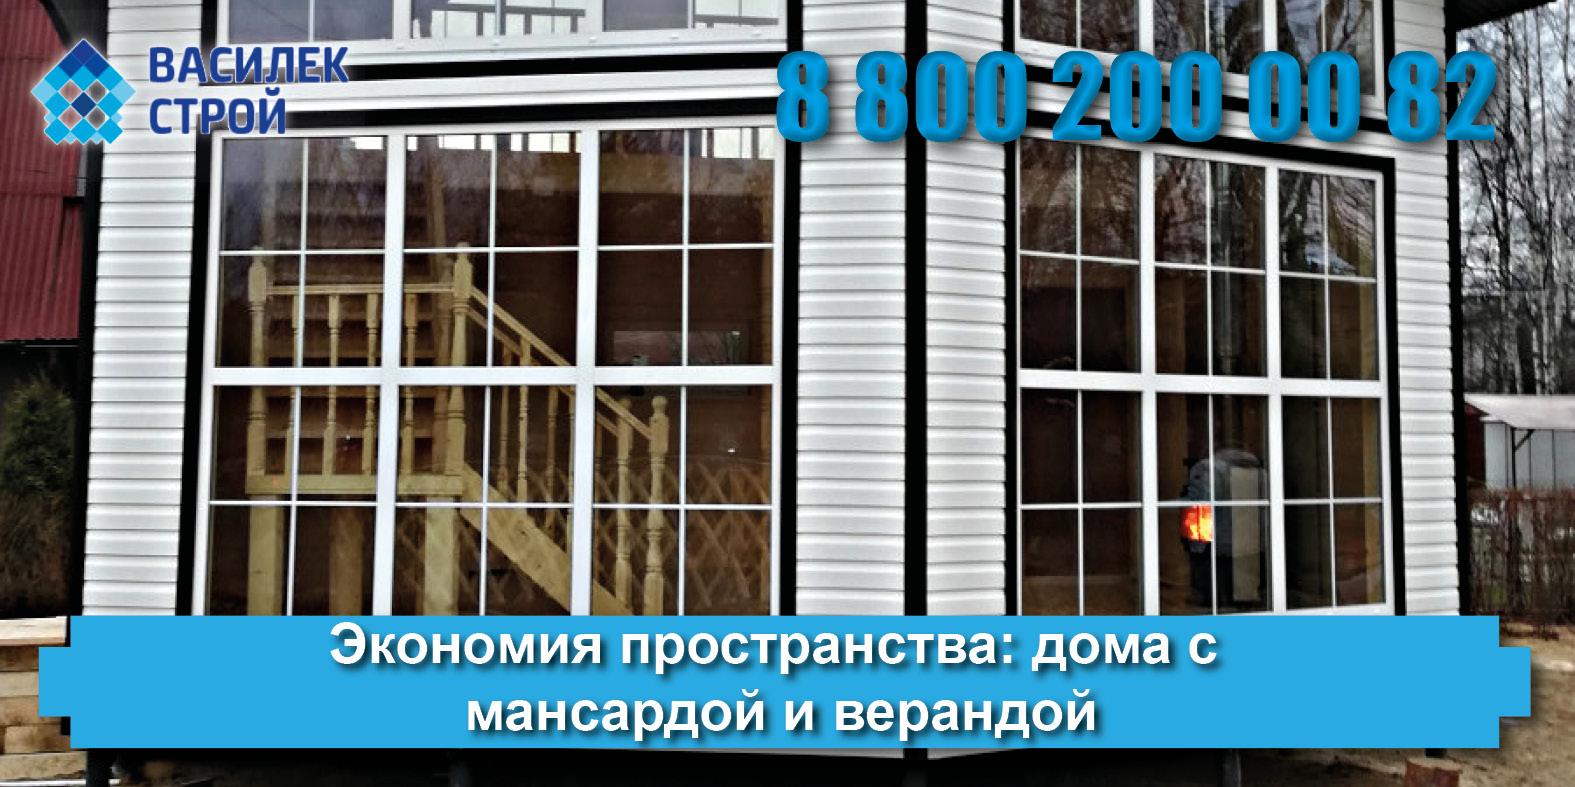 Строим дома в верандой и мансардой и выбираем удобную планировку дому из бруса с верандой для дачного участка